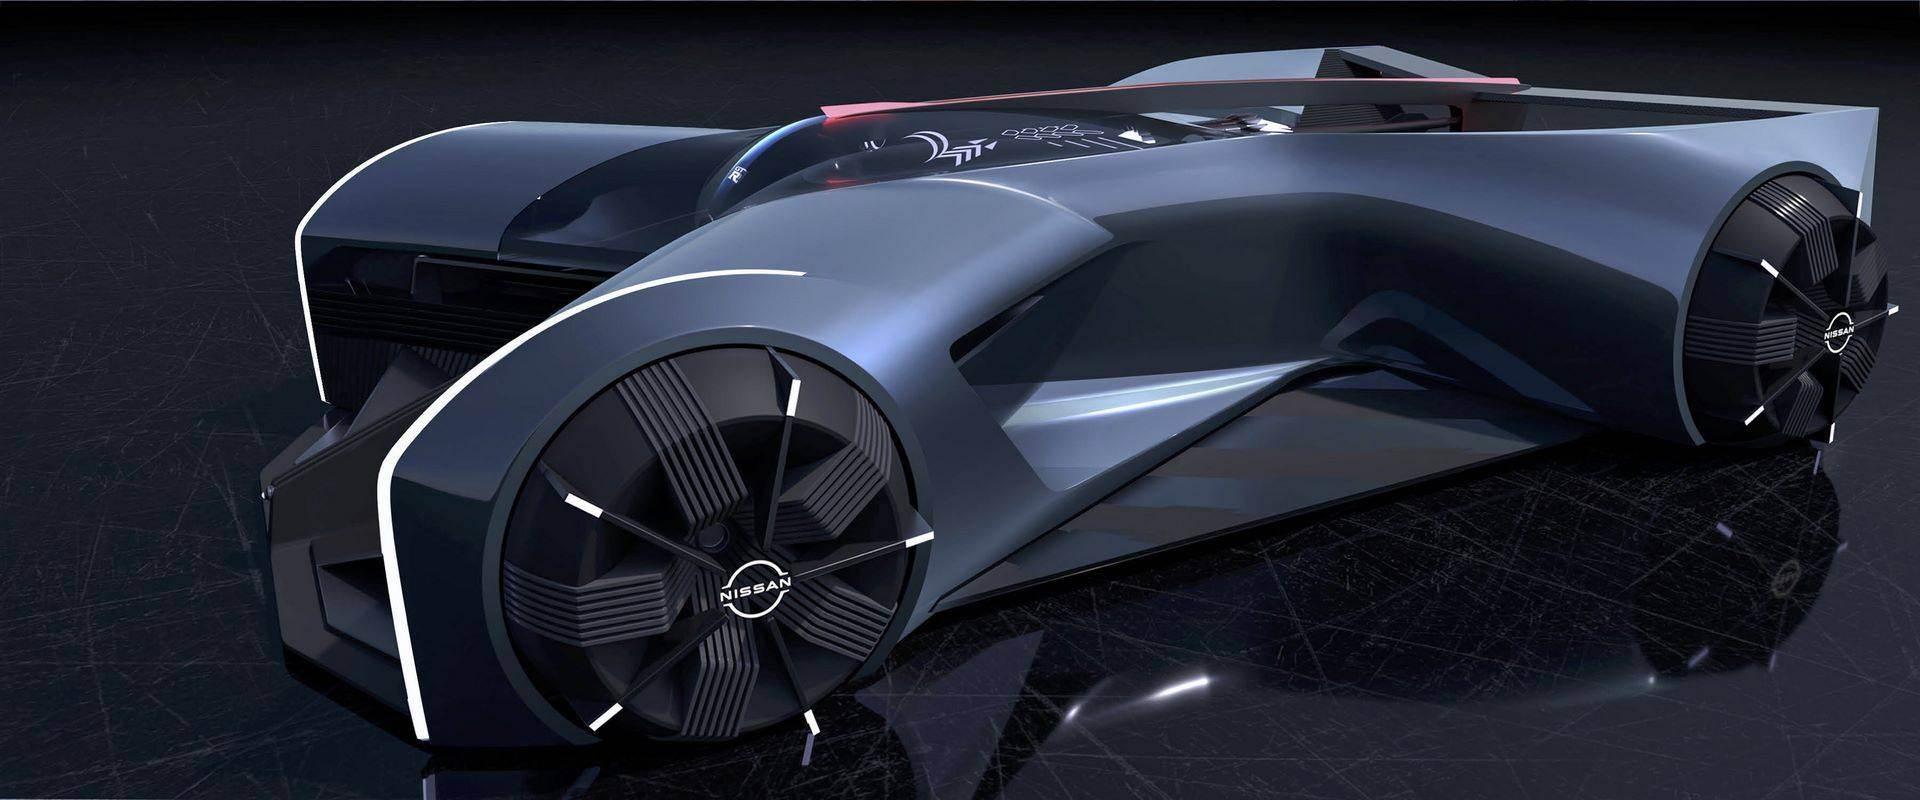 Nissan-GT-R-X-2050-Concept-29